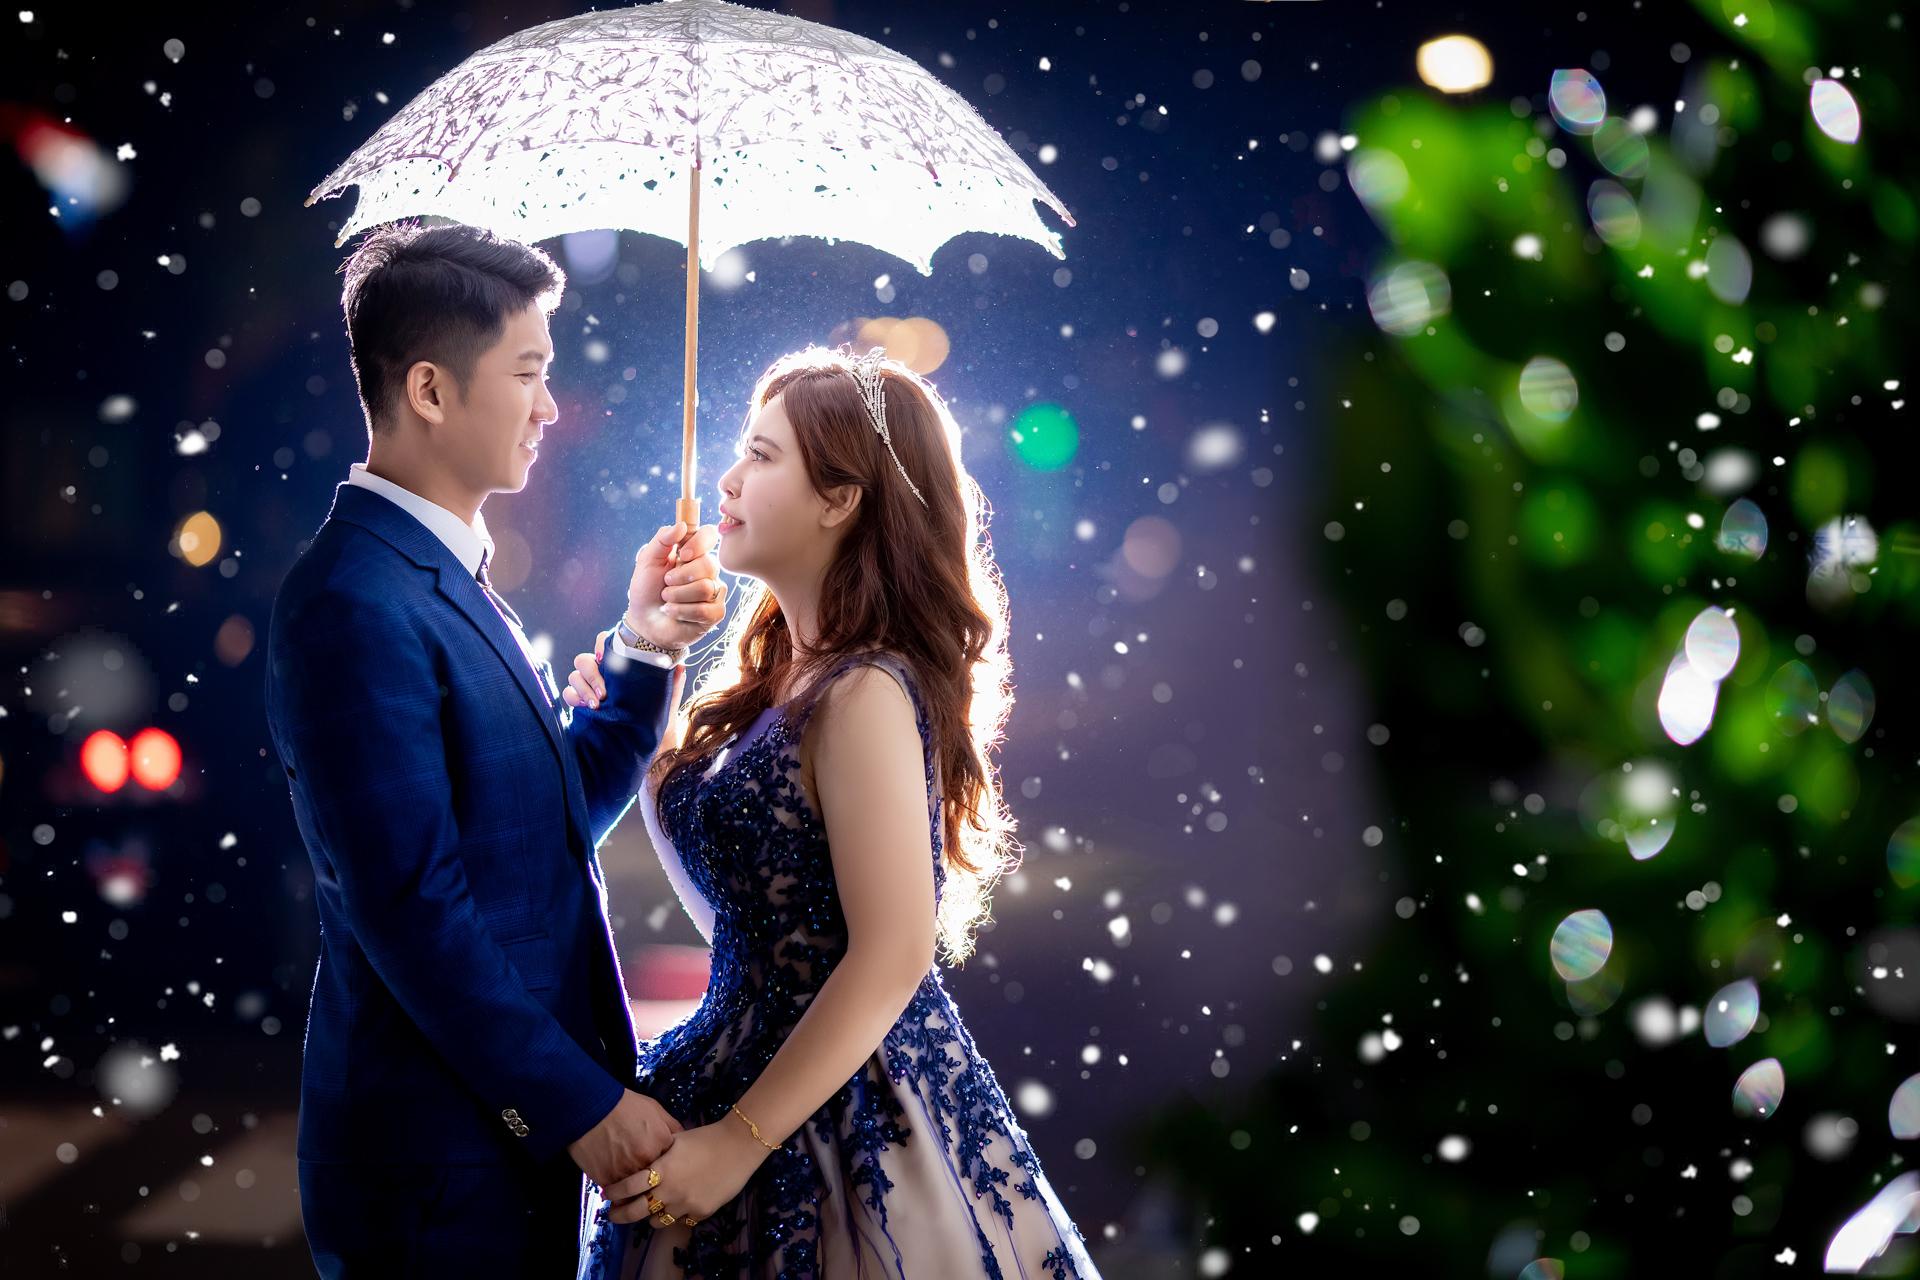 婚禮攝影,台中婚攝,新林海鮮餐廳